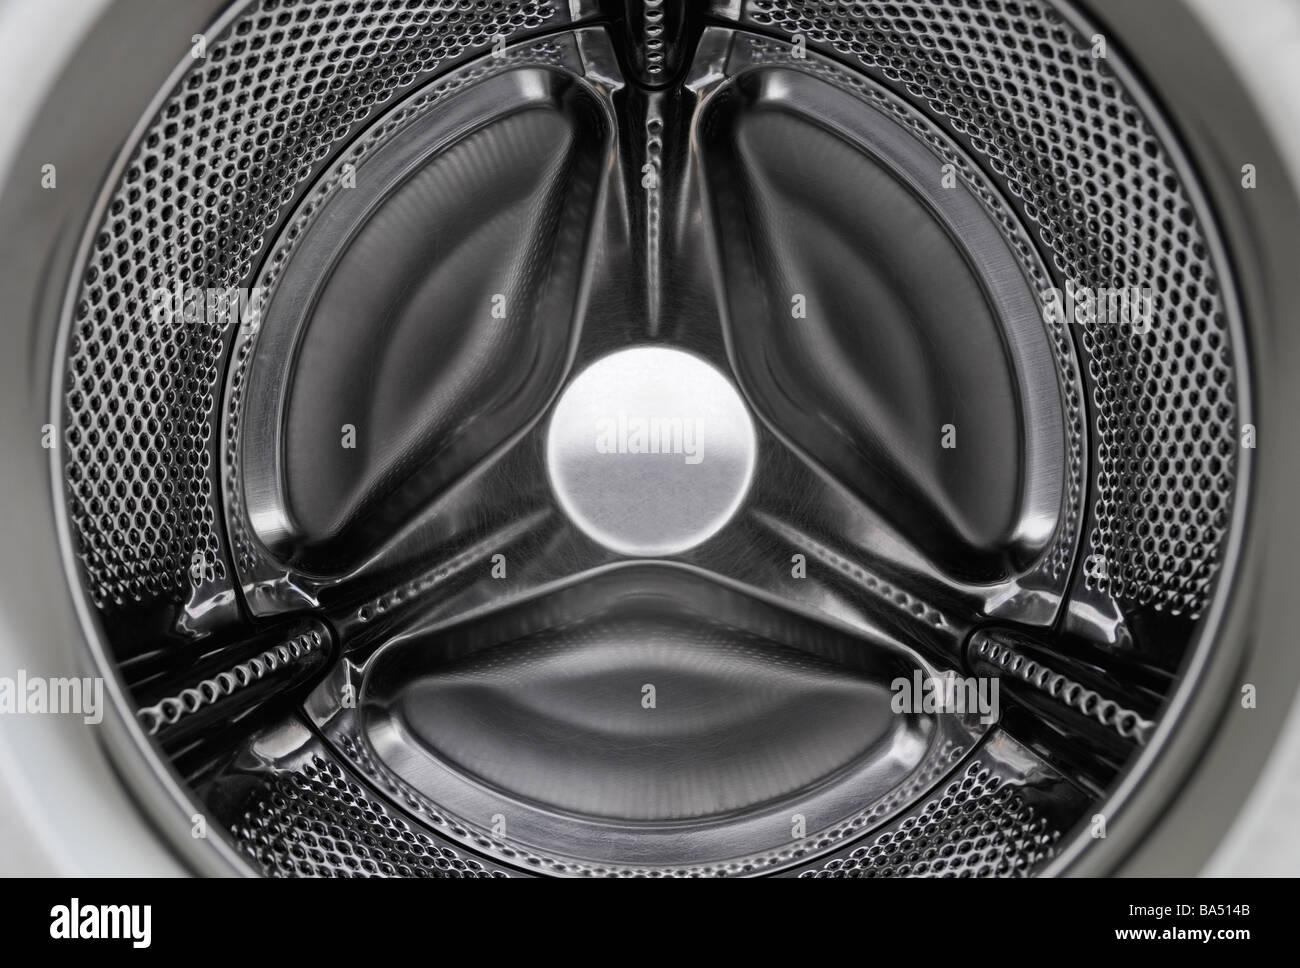 Washing Machine Inside - Stock Image